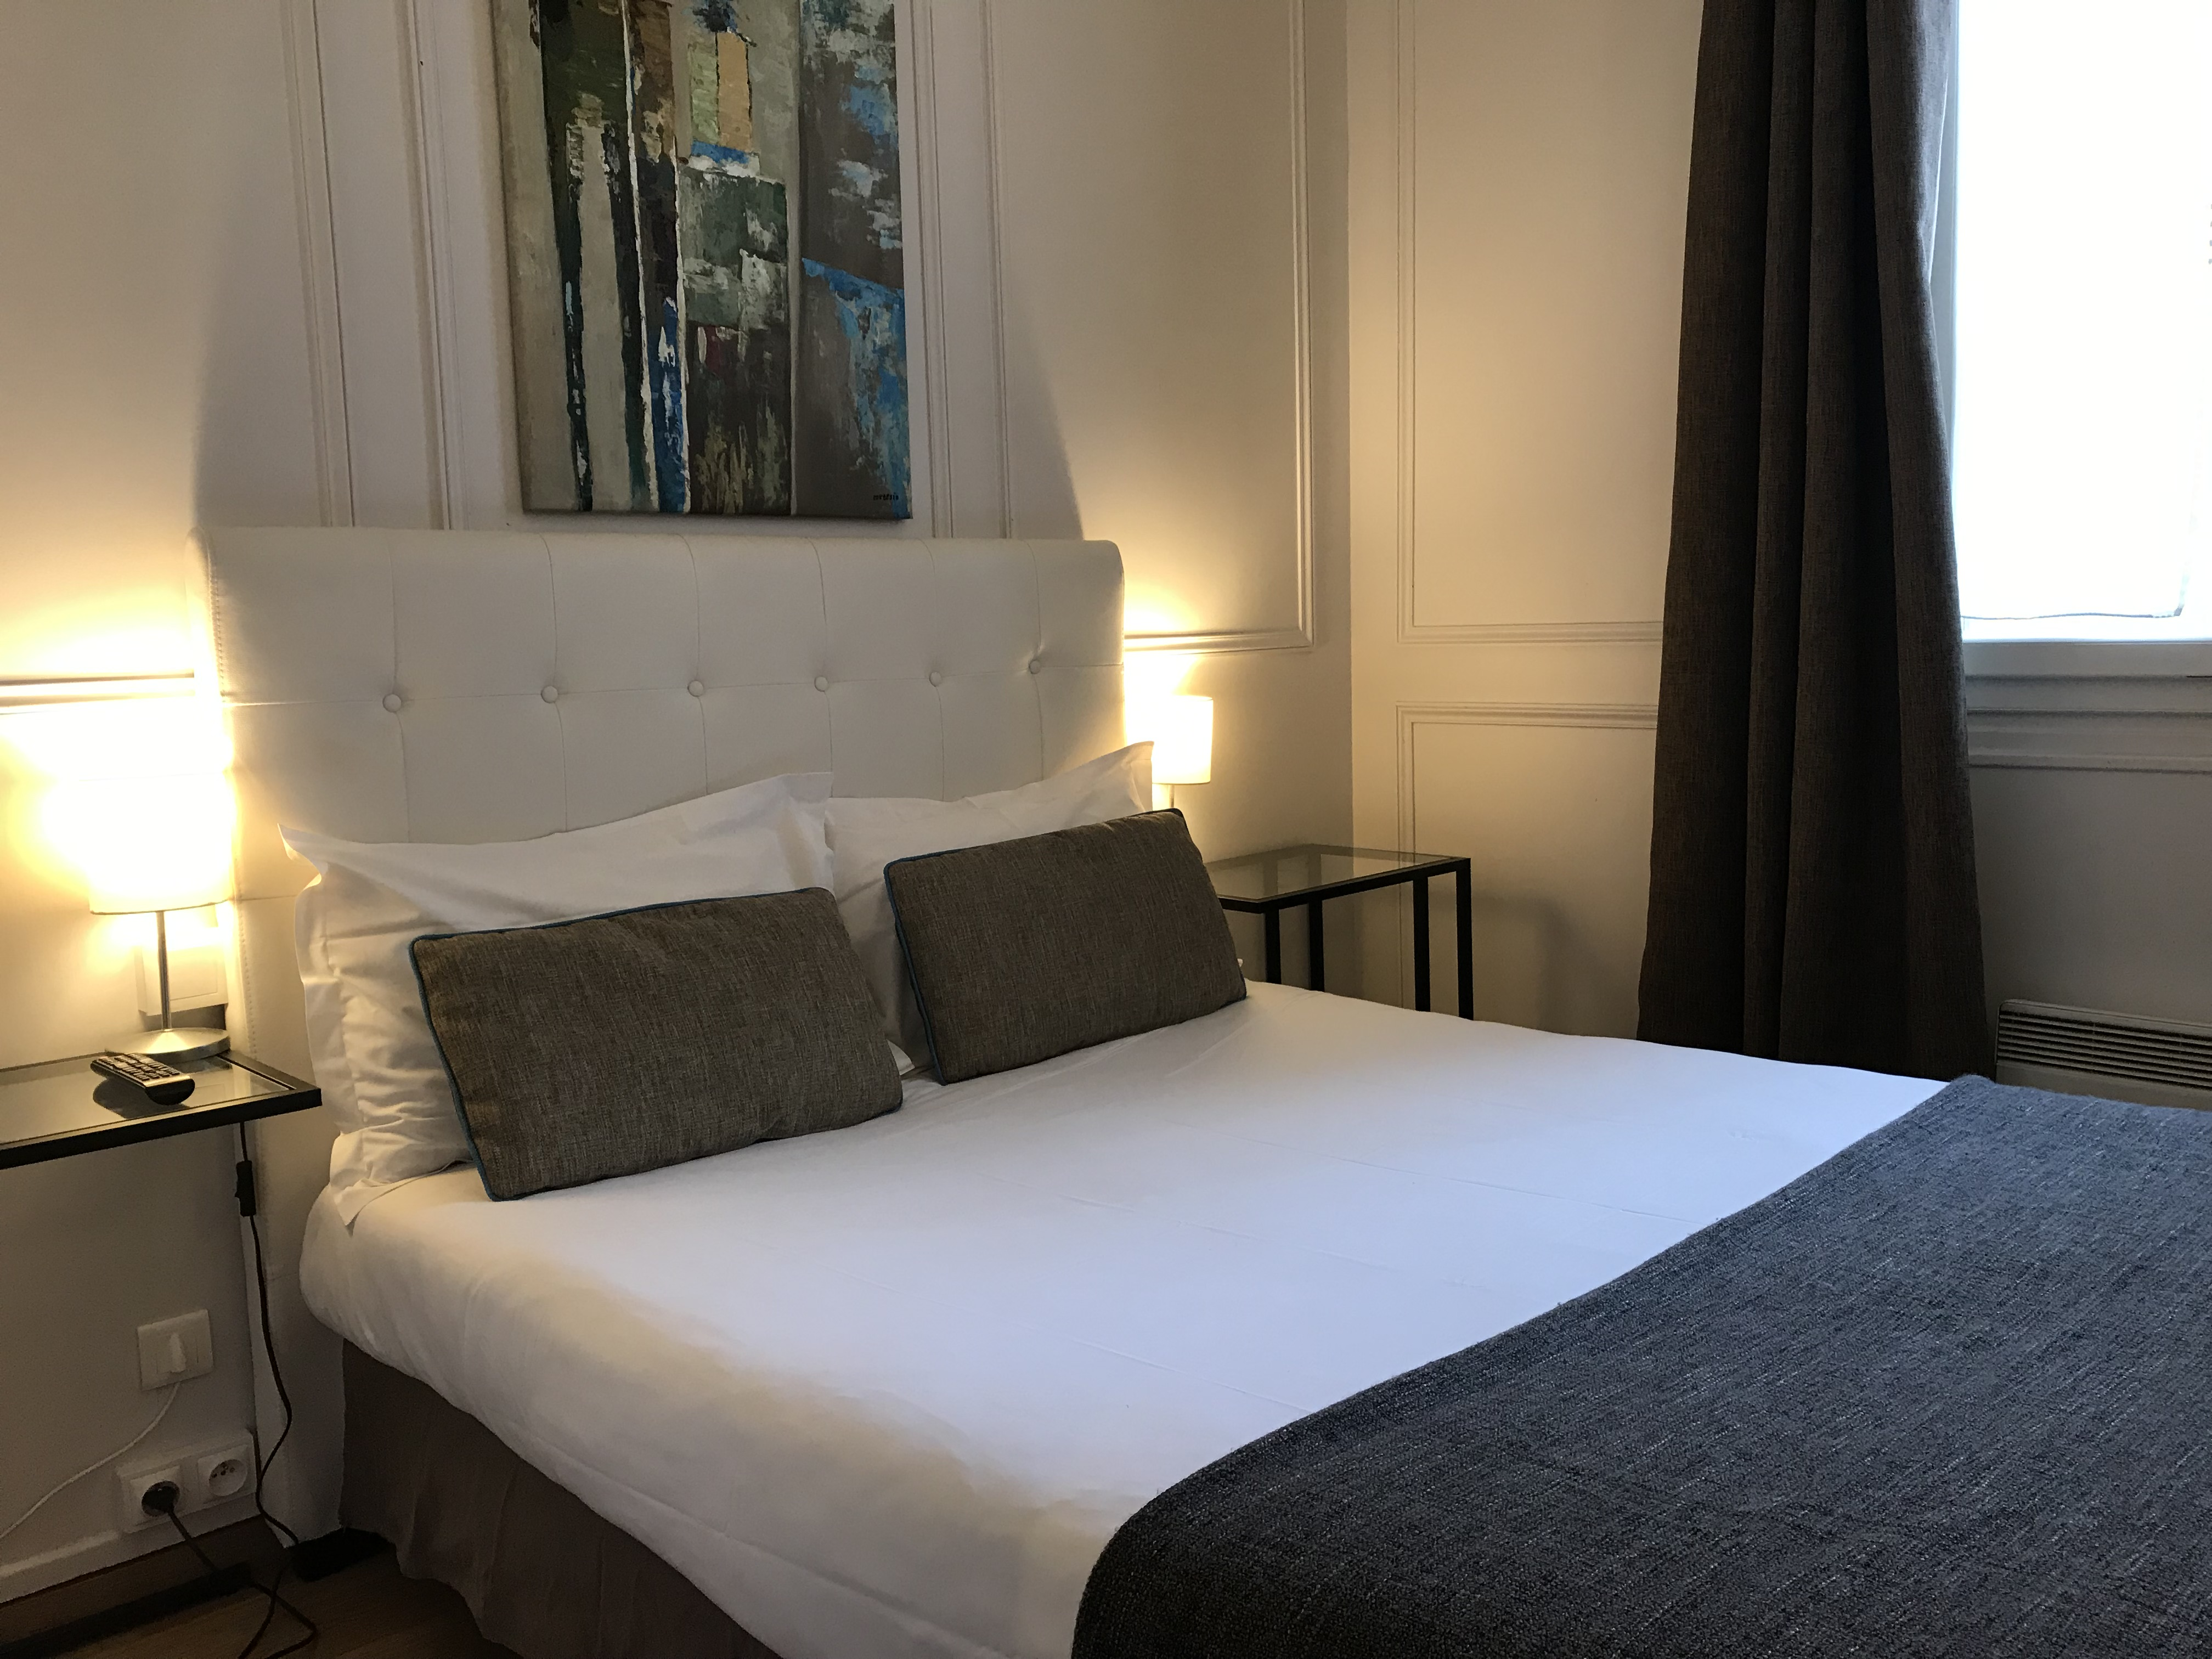 hotel-dauphin-puteaux-chambre-classique-19-2